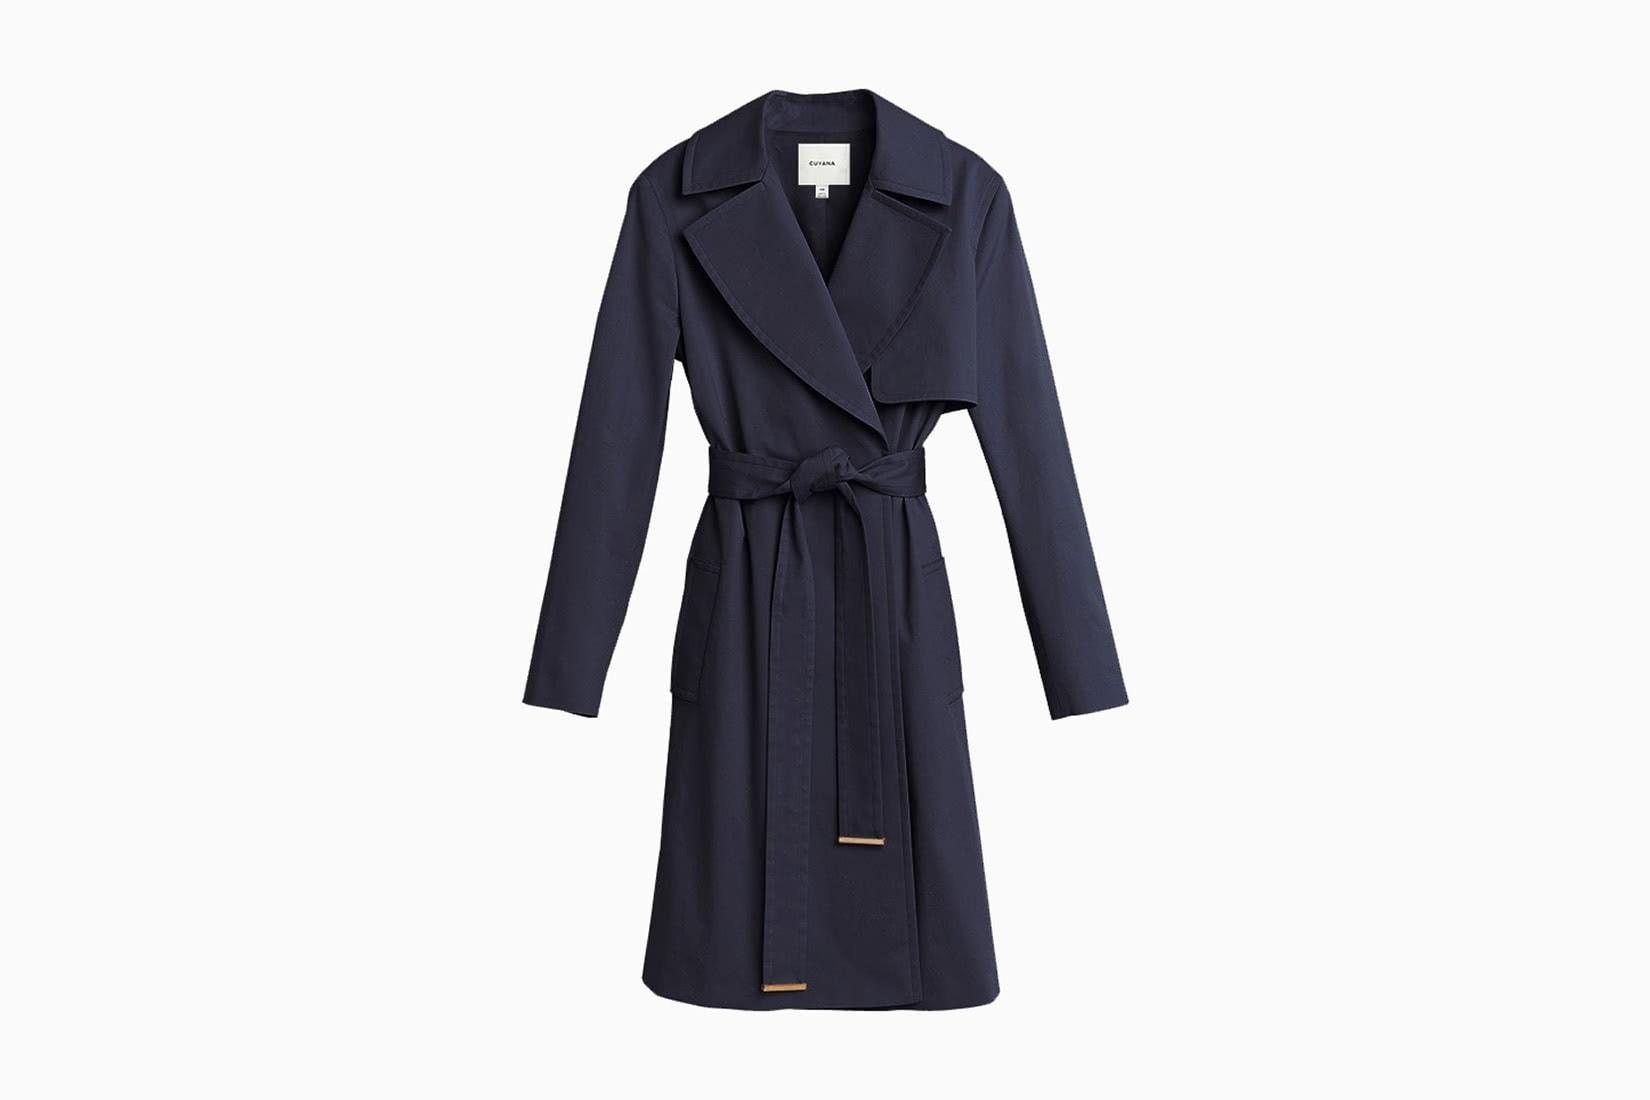 best women trench coat navy cuyana - Luxe Digital